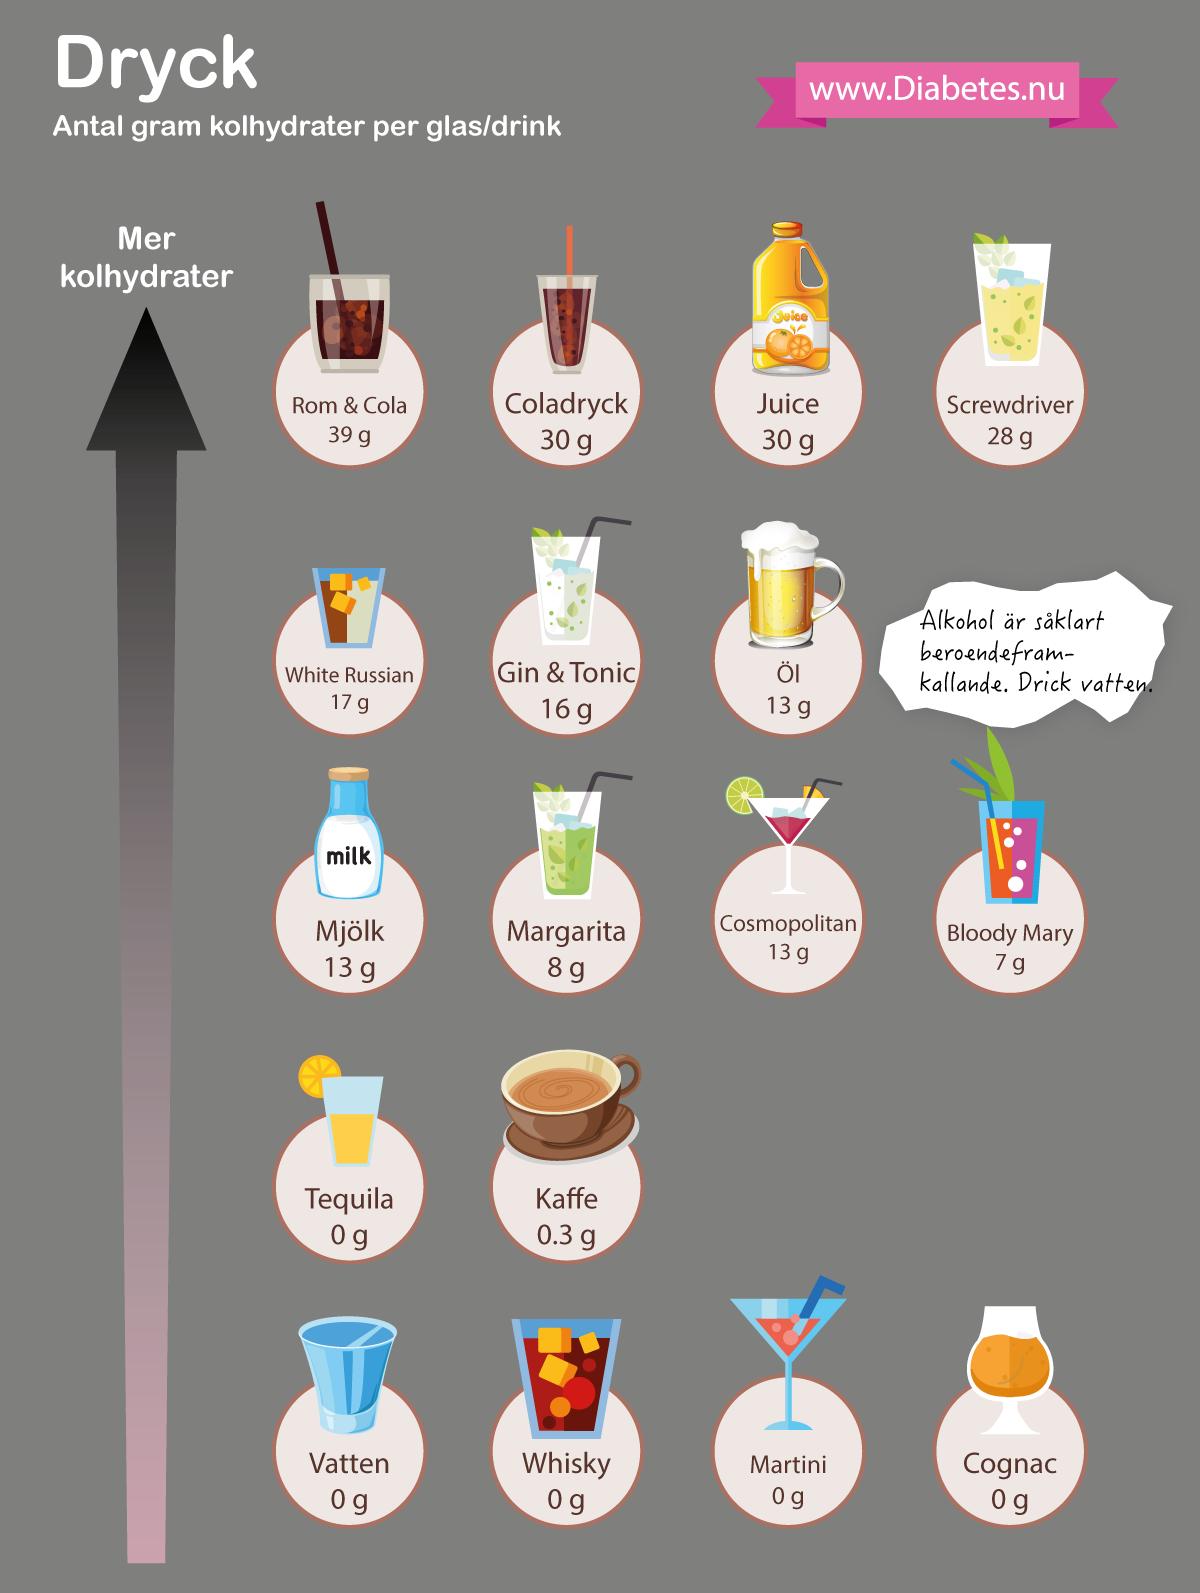 Grunden i LCHF är vatten, gärna smaksatt vatten (lime, gurka, apelsin, kolsyra etc). Sockrade produkter, inklusive läsk och öl är inte en del av LCHF. Vitt vin och rött vin går däremot bra. Glöm inte att alkohol faktiskt är beroendeframkallande och hälsobefrämjande effekter är tveksamma. Å andra sidan kan du dricka vad som helst vid festligheter, eftersom enstaka intag av kolhydrater inte skall ha någon betydande inverkan på din viktnedgång.